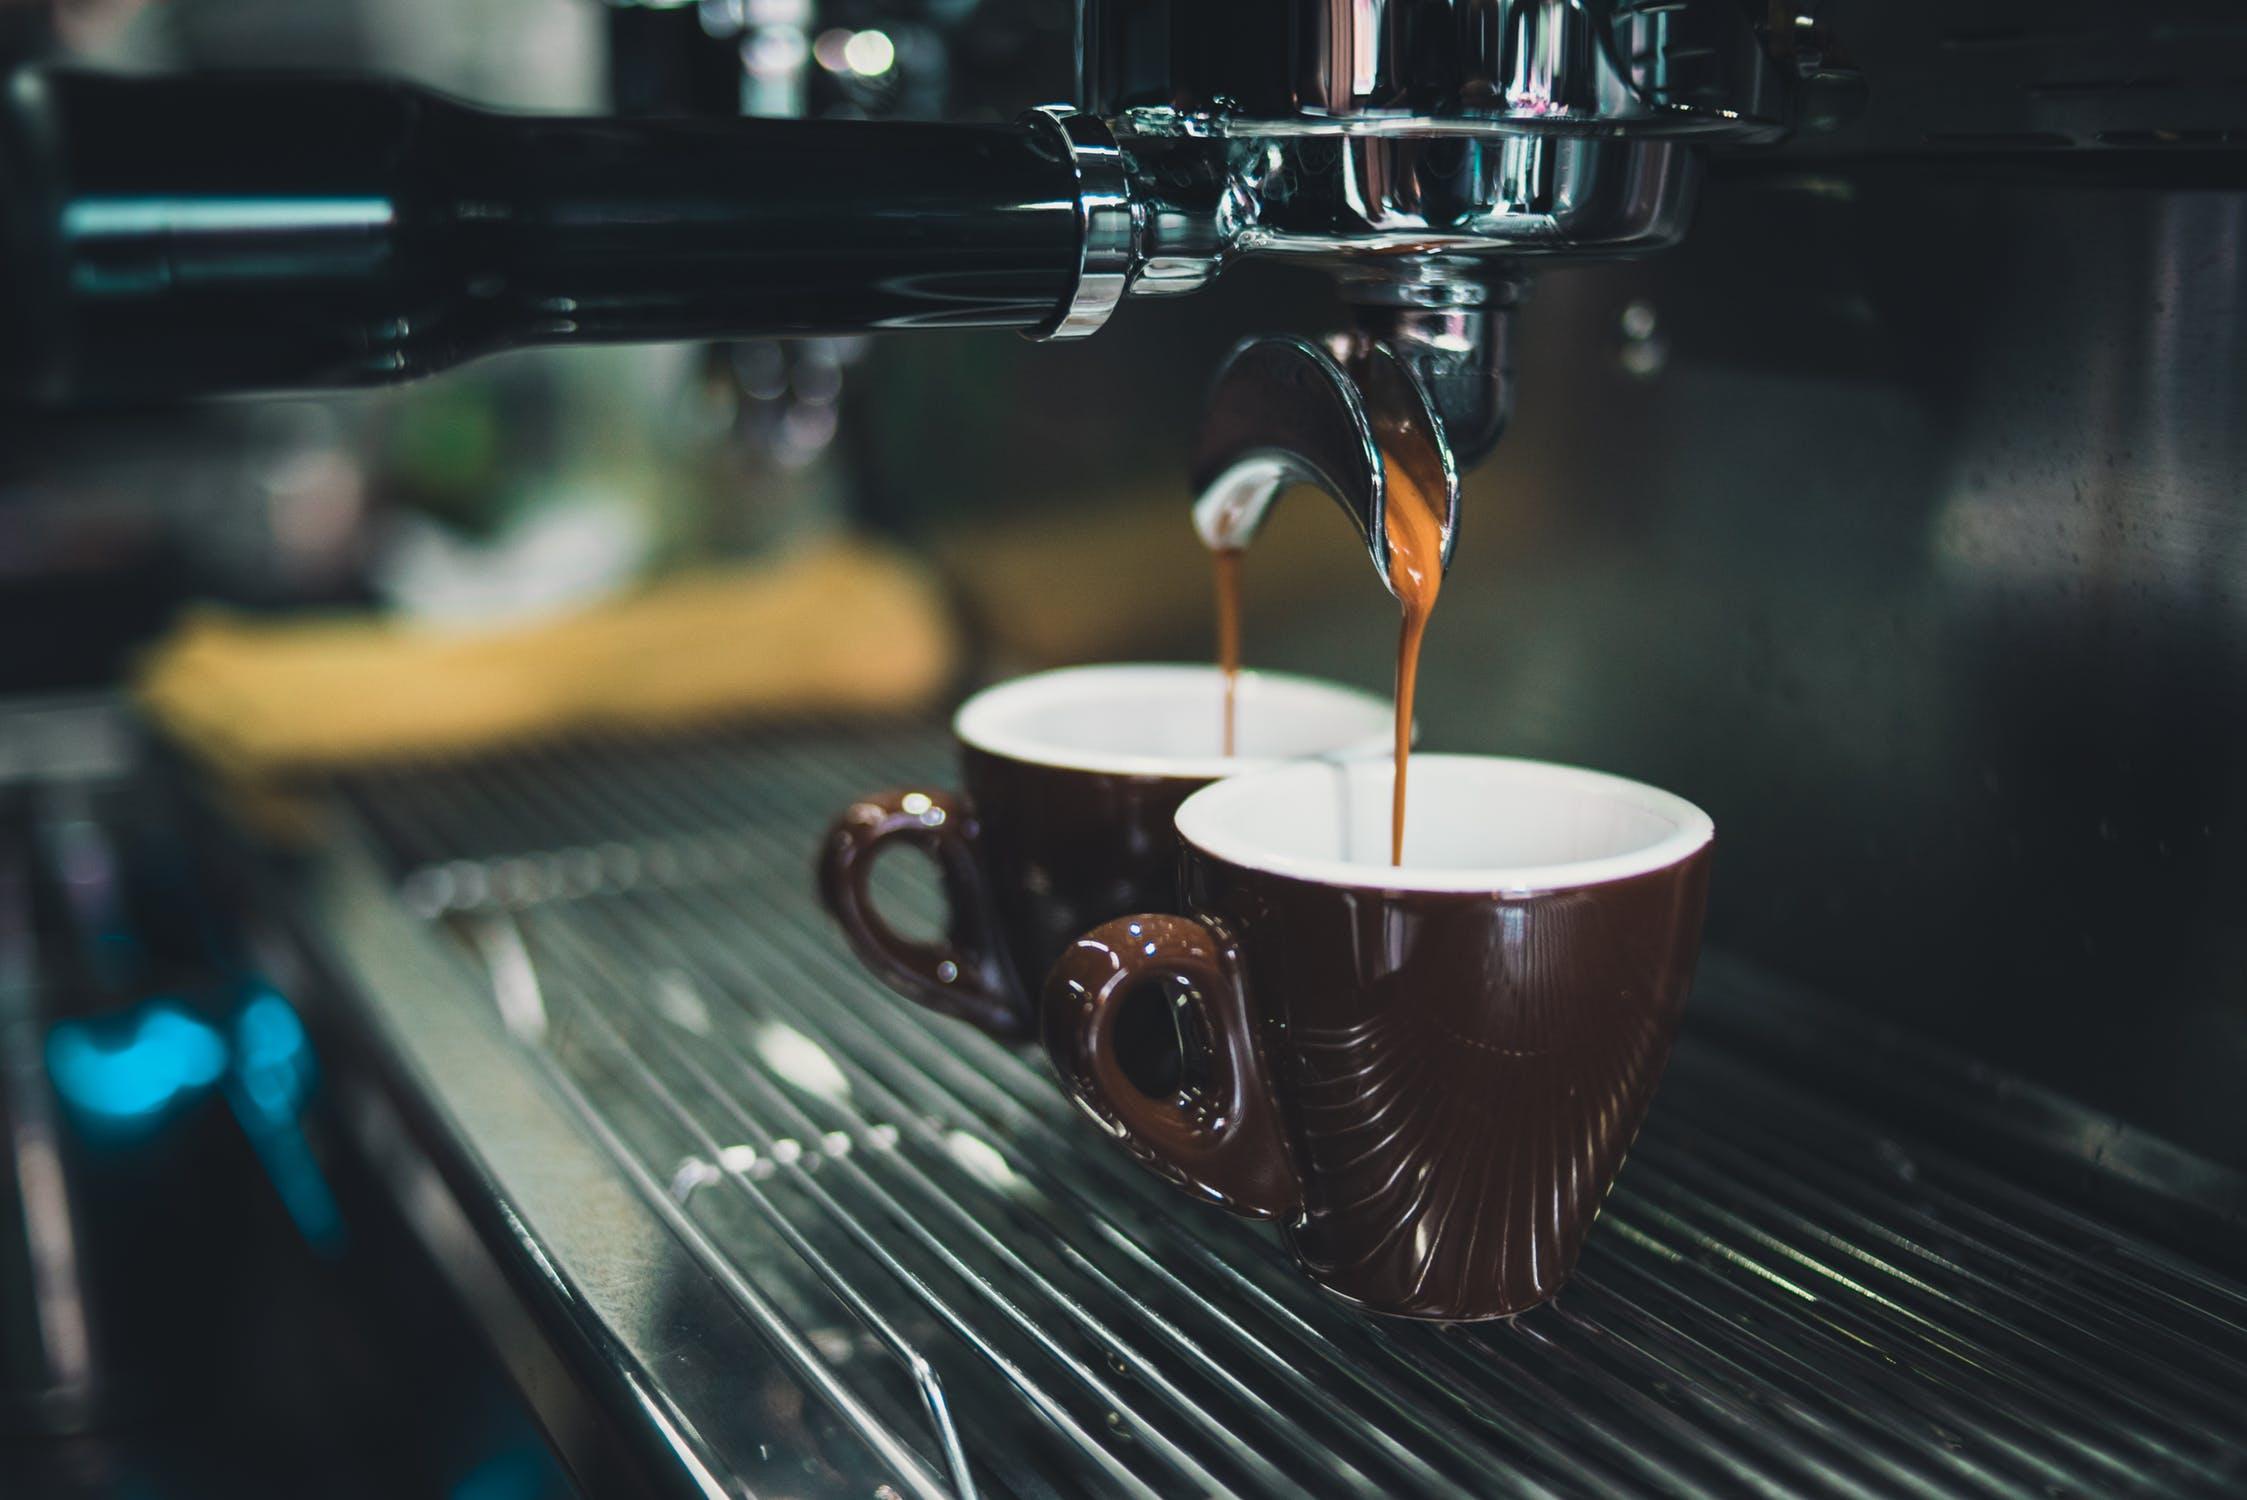 Welk koffiezetapparaat moet ik kopen?